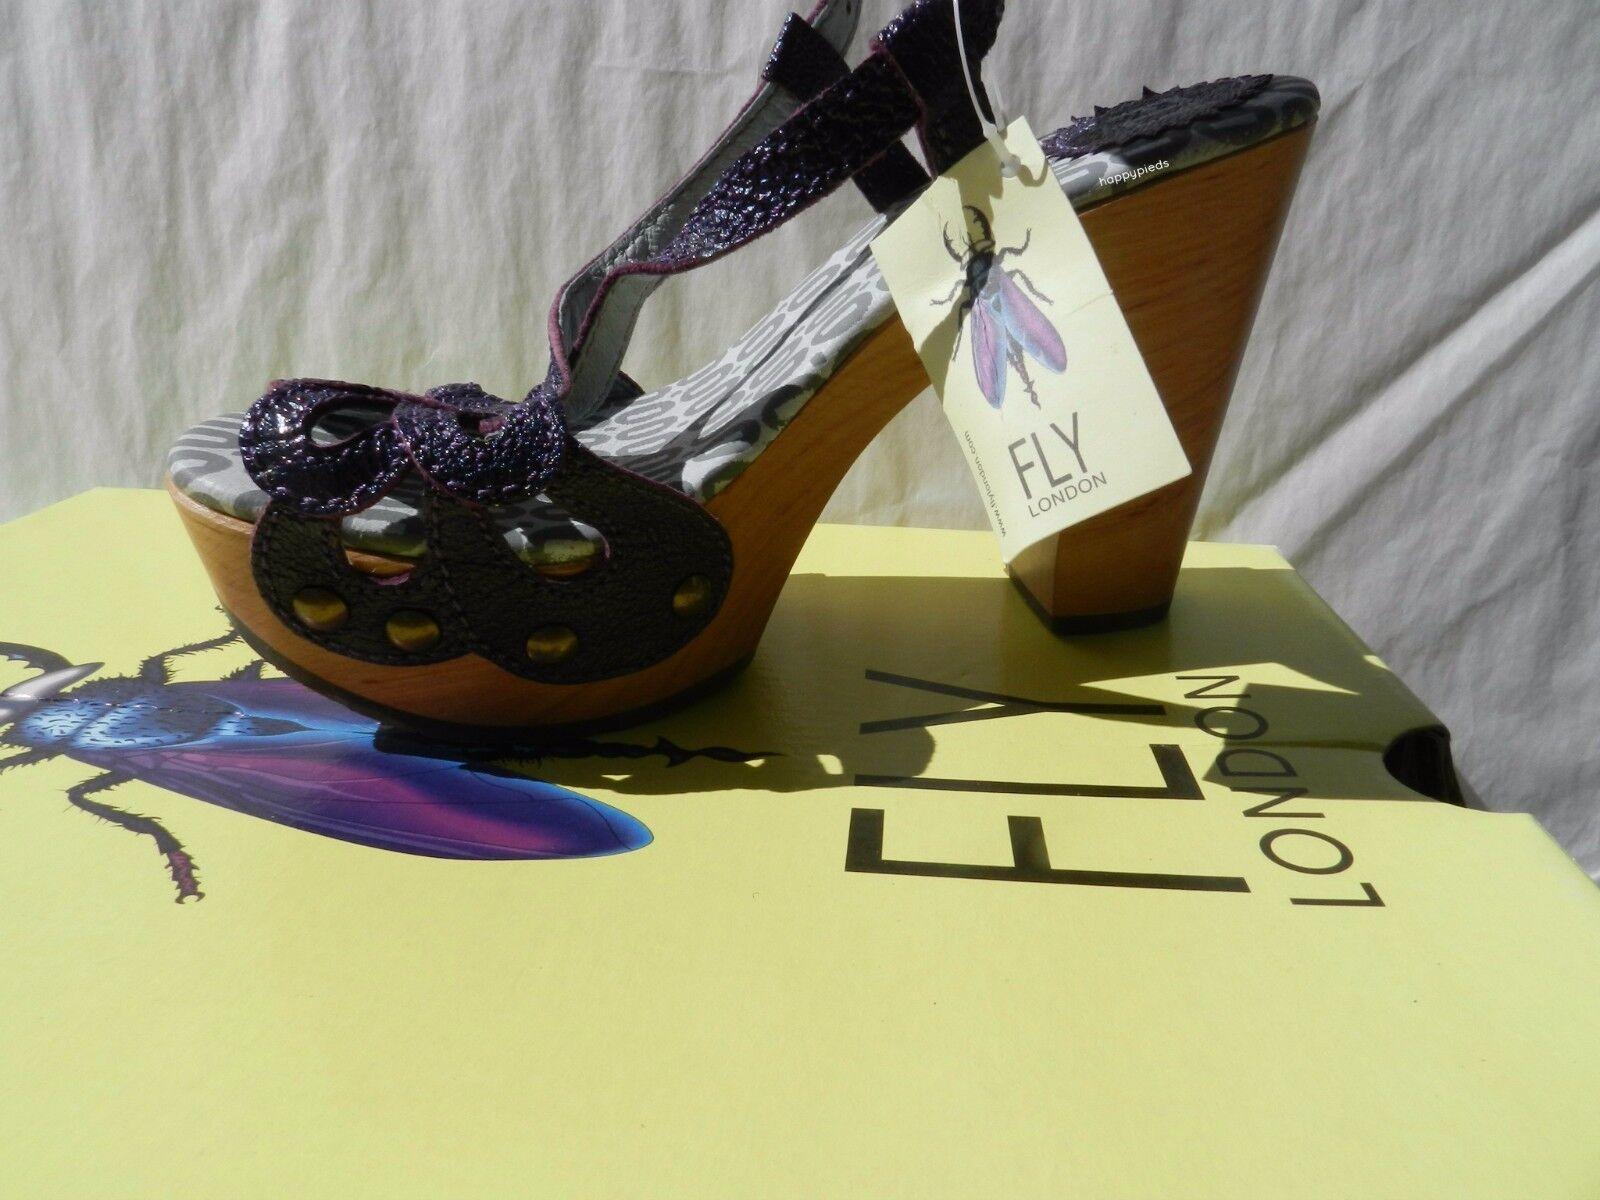 Fly London Sun shoes Femme 36 Sandales Salomés Plateforme Compensé UK3 Neuf